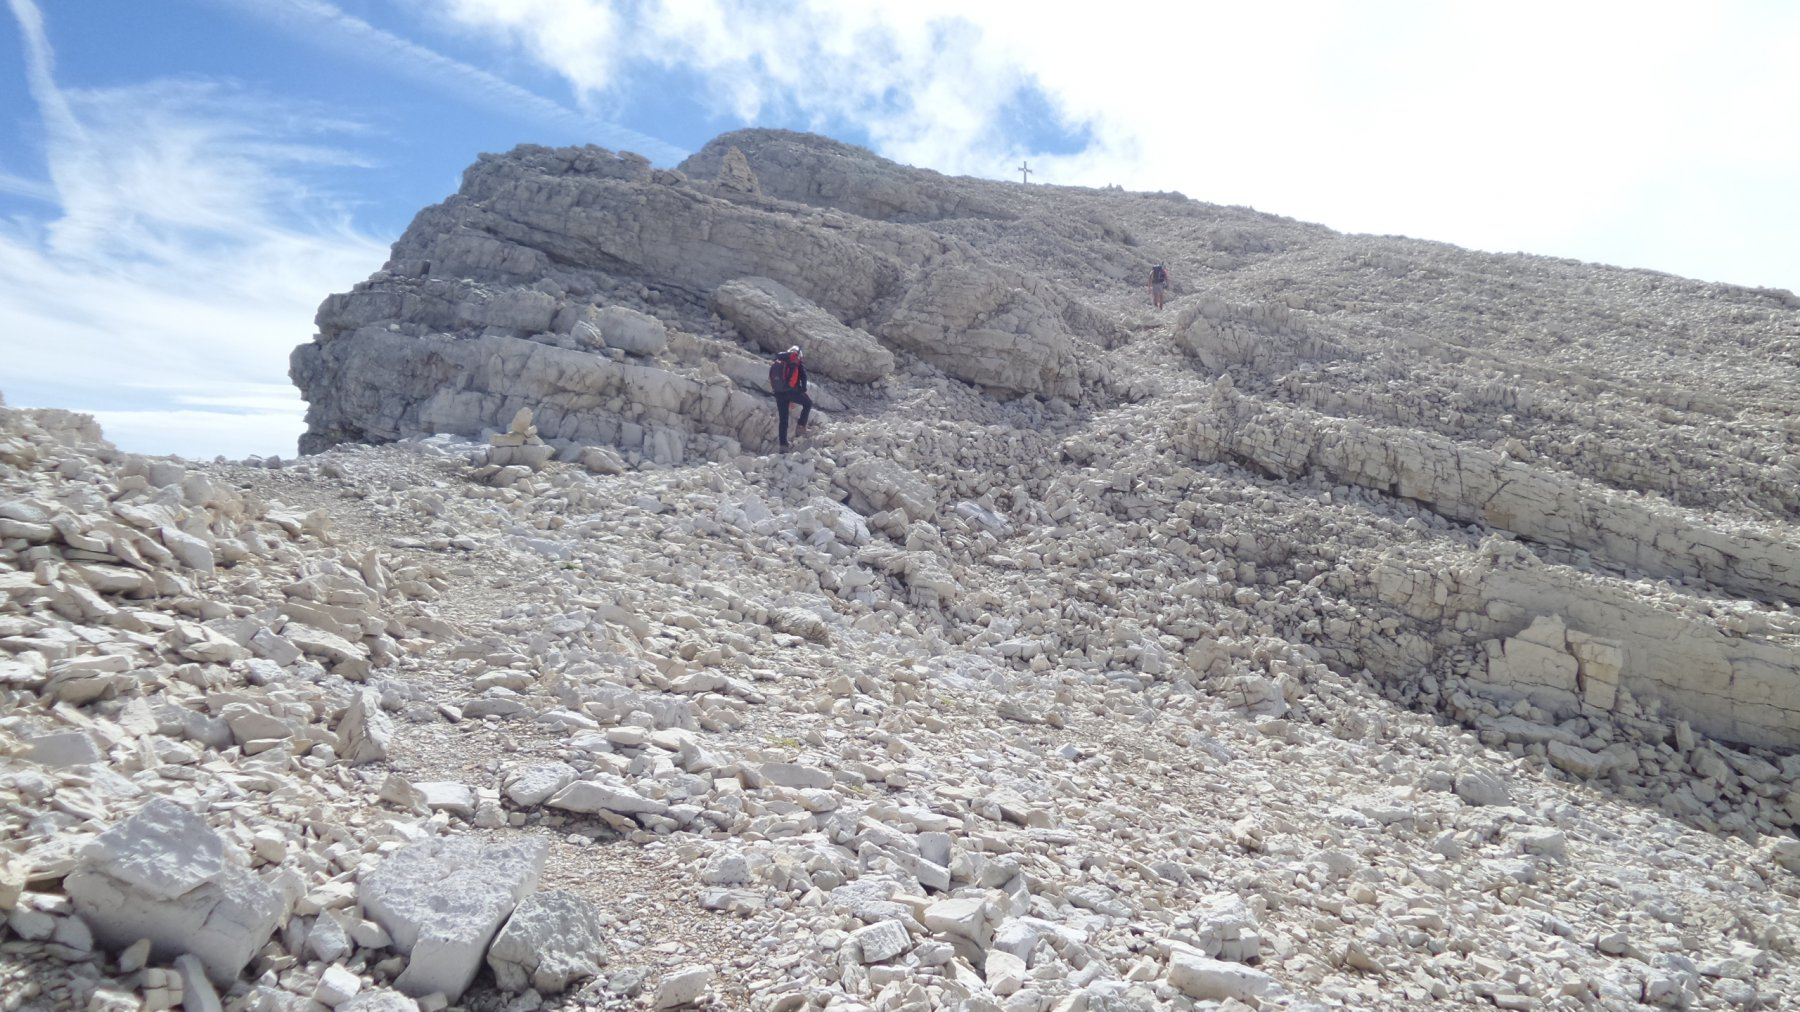 il facile tratto sommitale di cresta che porta in vetta al Popera (19-9-2015)